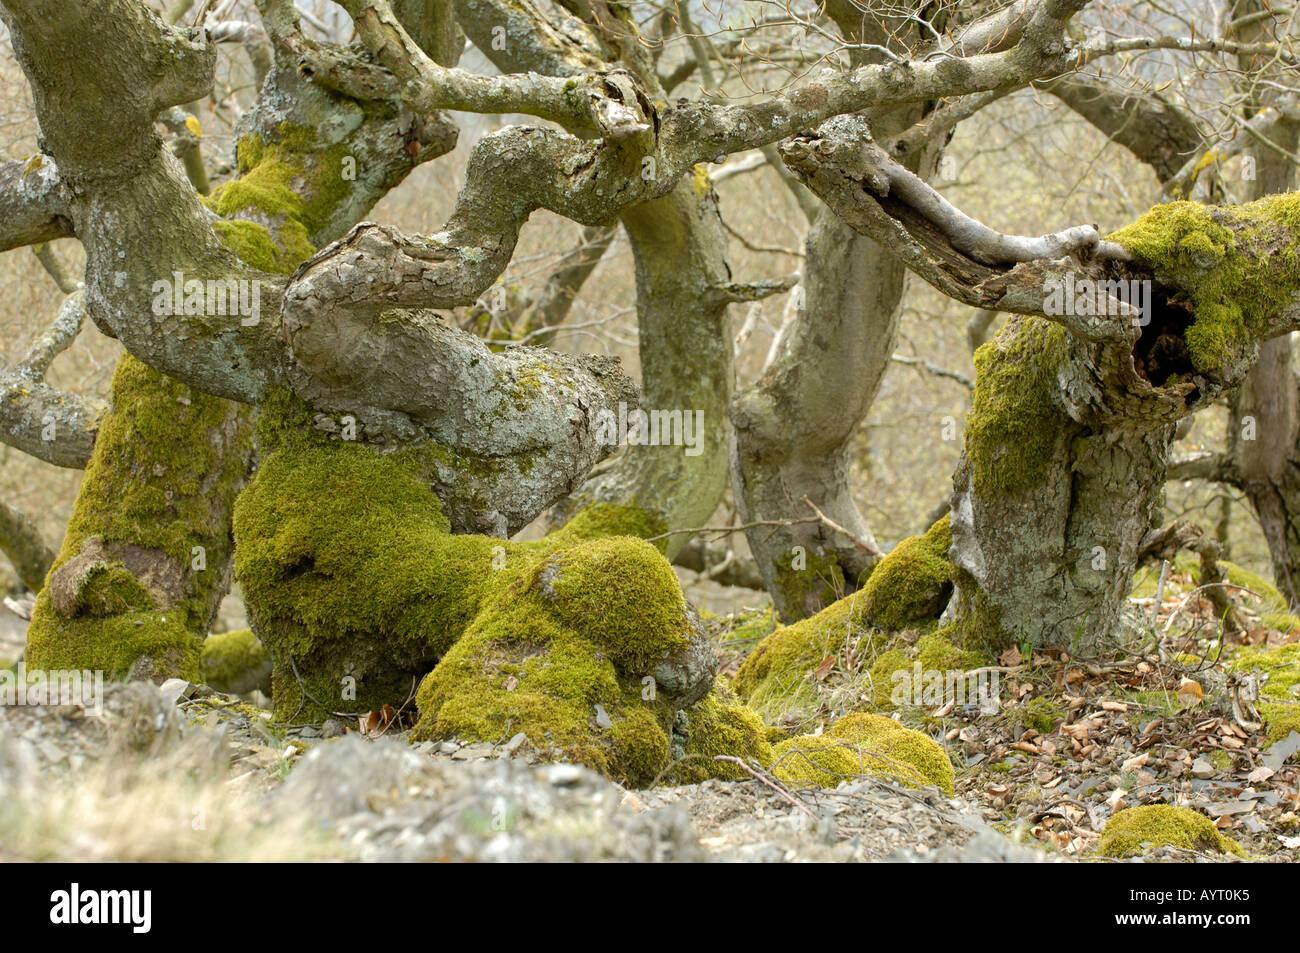 Nationalpark Kellerwald Edersee Germany - Stock Image